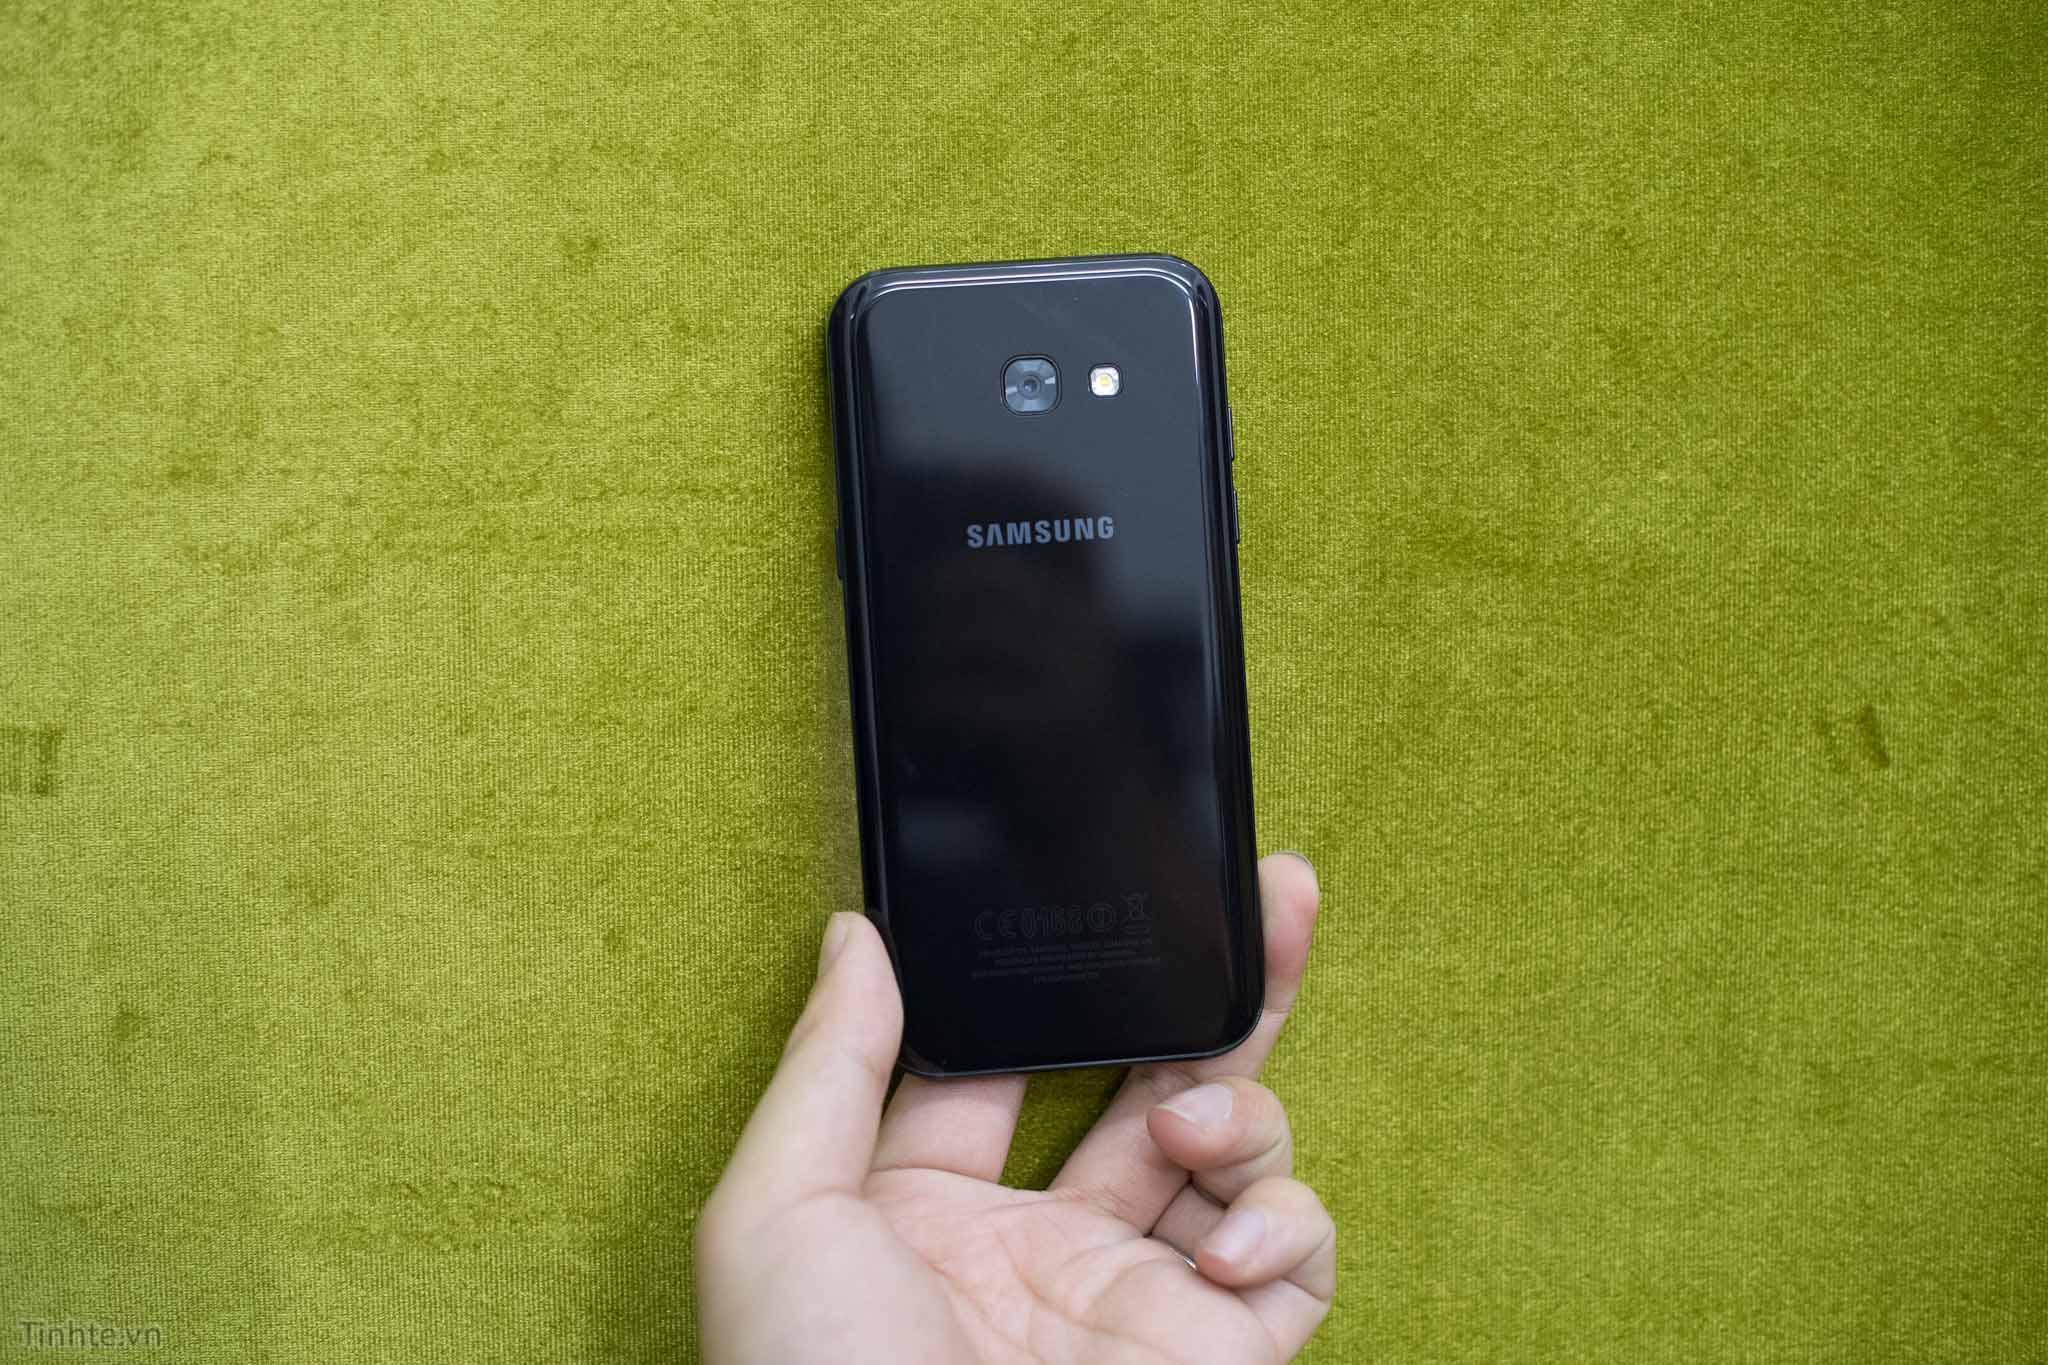 Trên tay Samsung Galaxy A5 2017: xuất hiện nhiều tính năng trên dòng sản phẩm cao cấp